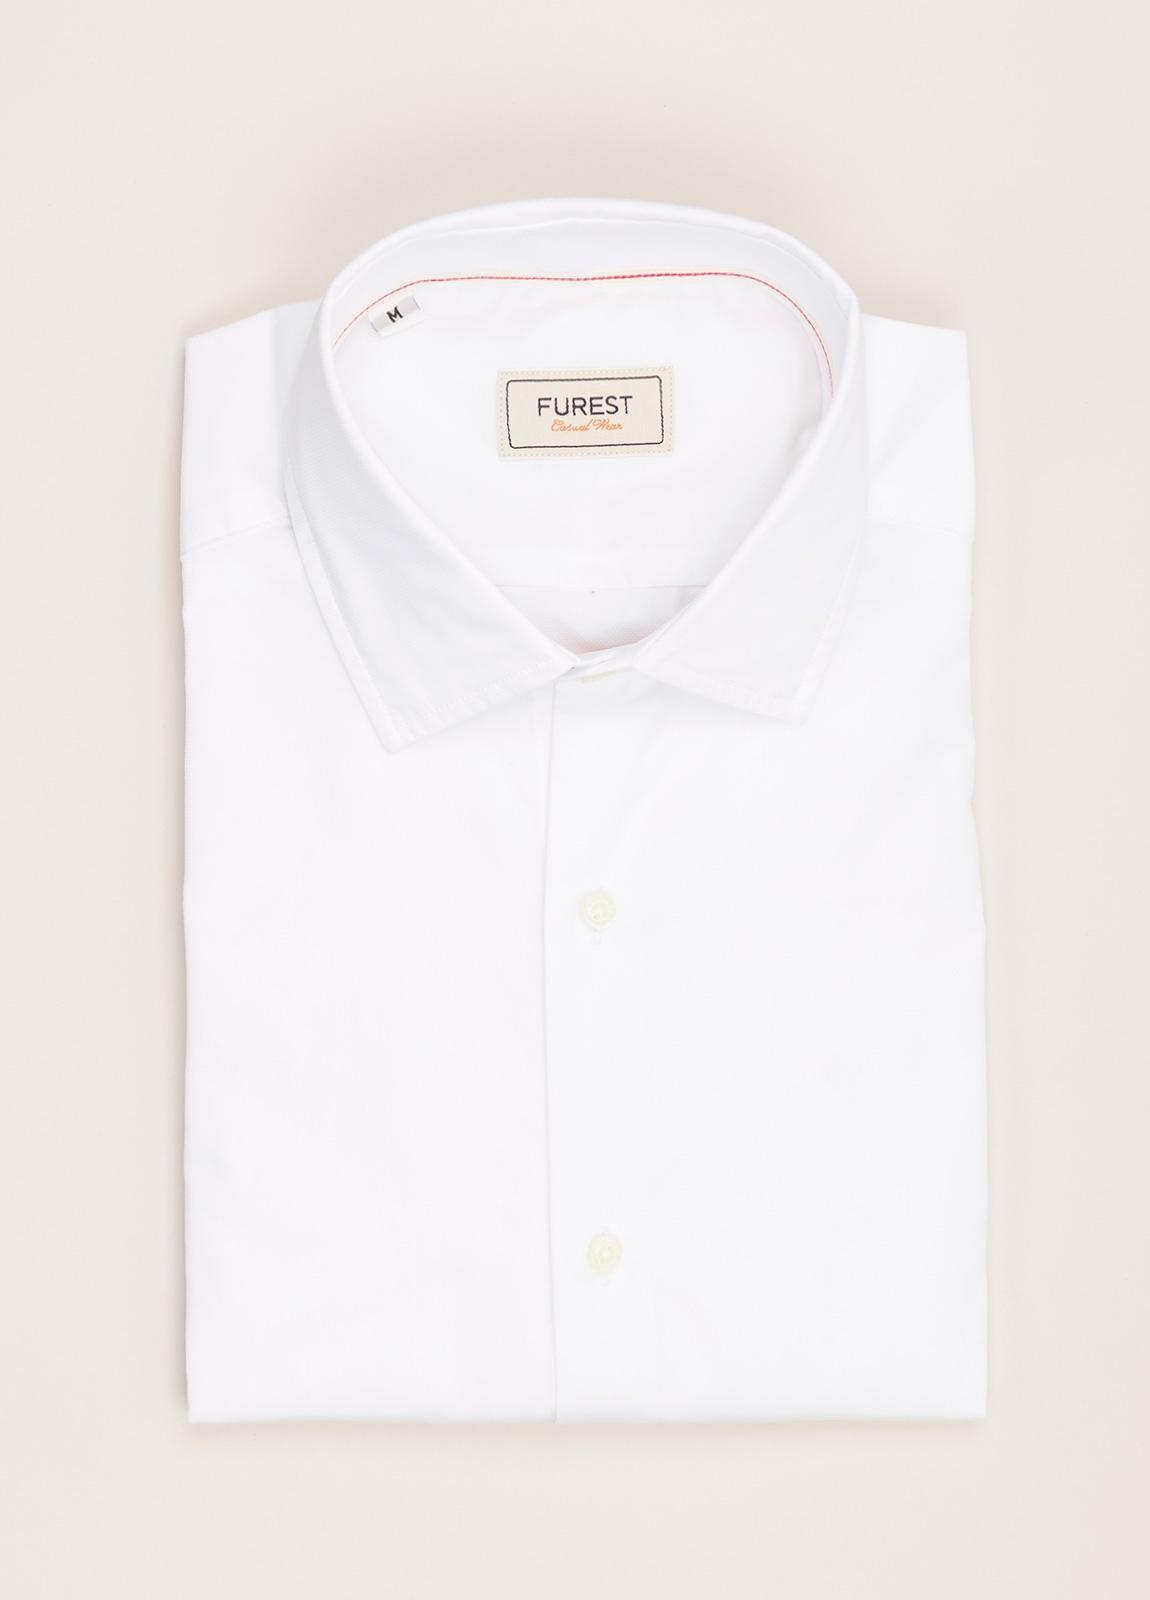 Camisa Casual Wear FUREST COLECCIÓN slim fit textura blanco